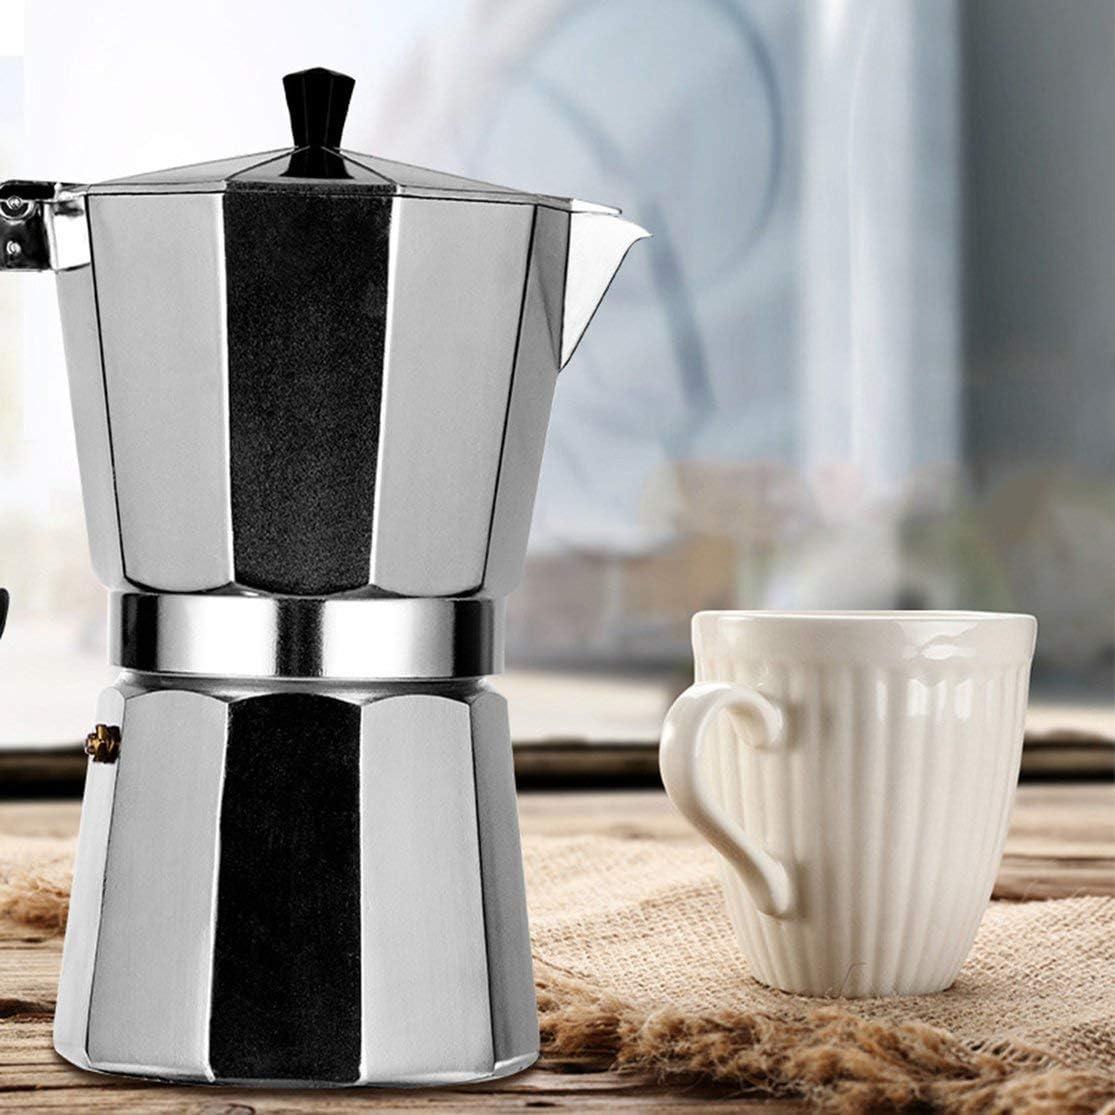 LouiseEvel215 Cafetera Aluminio Mocha Espresso Percolator